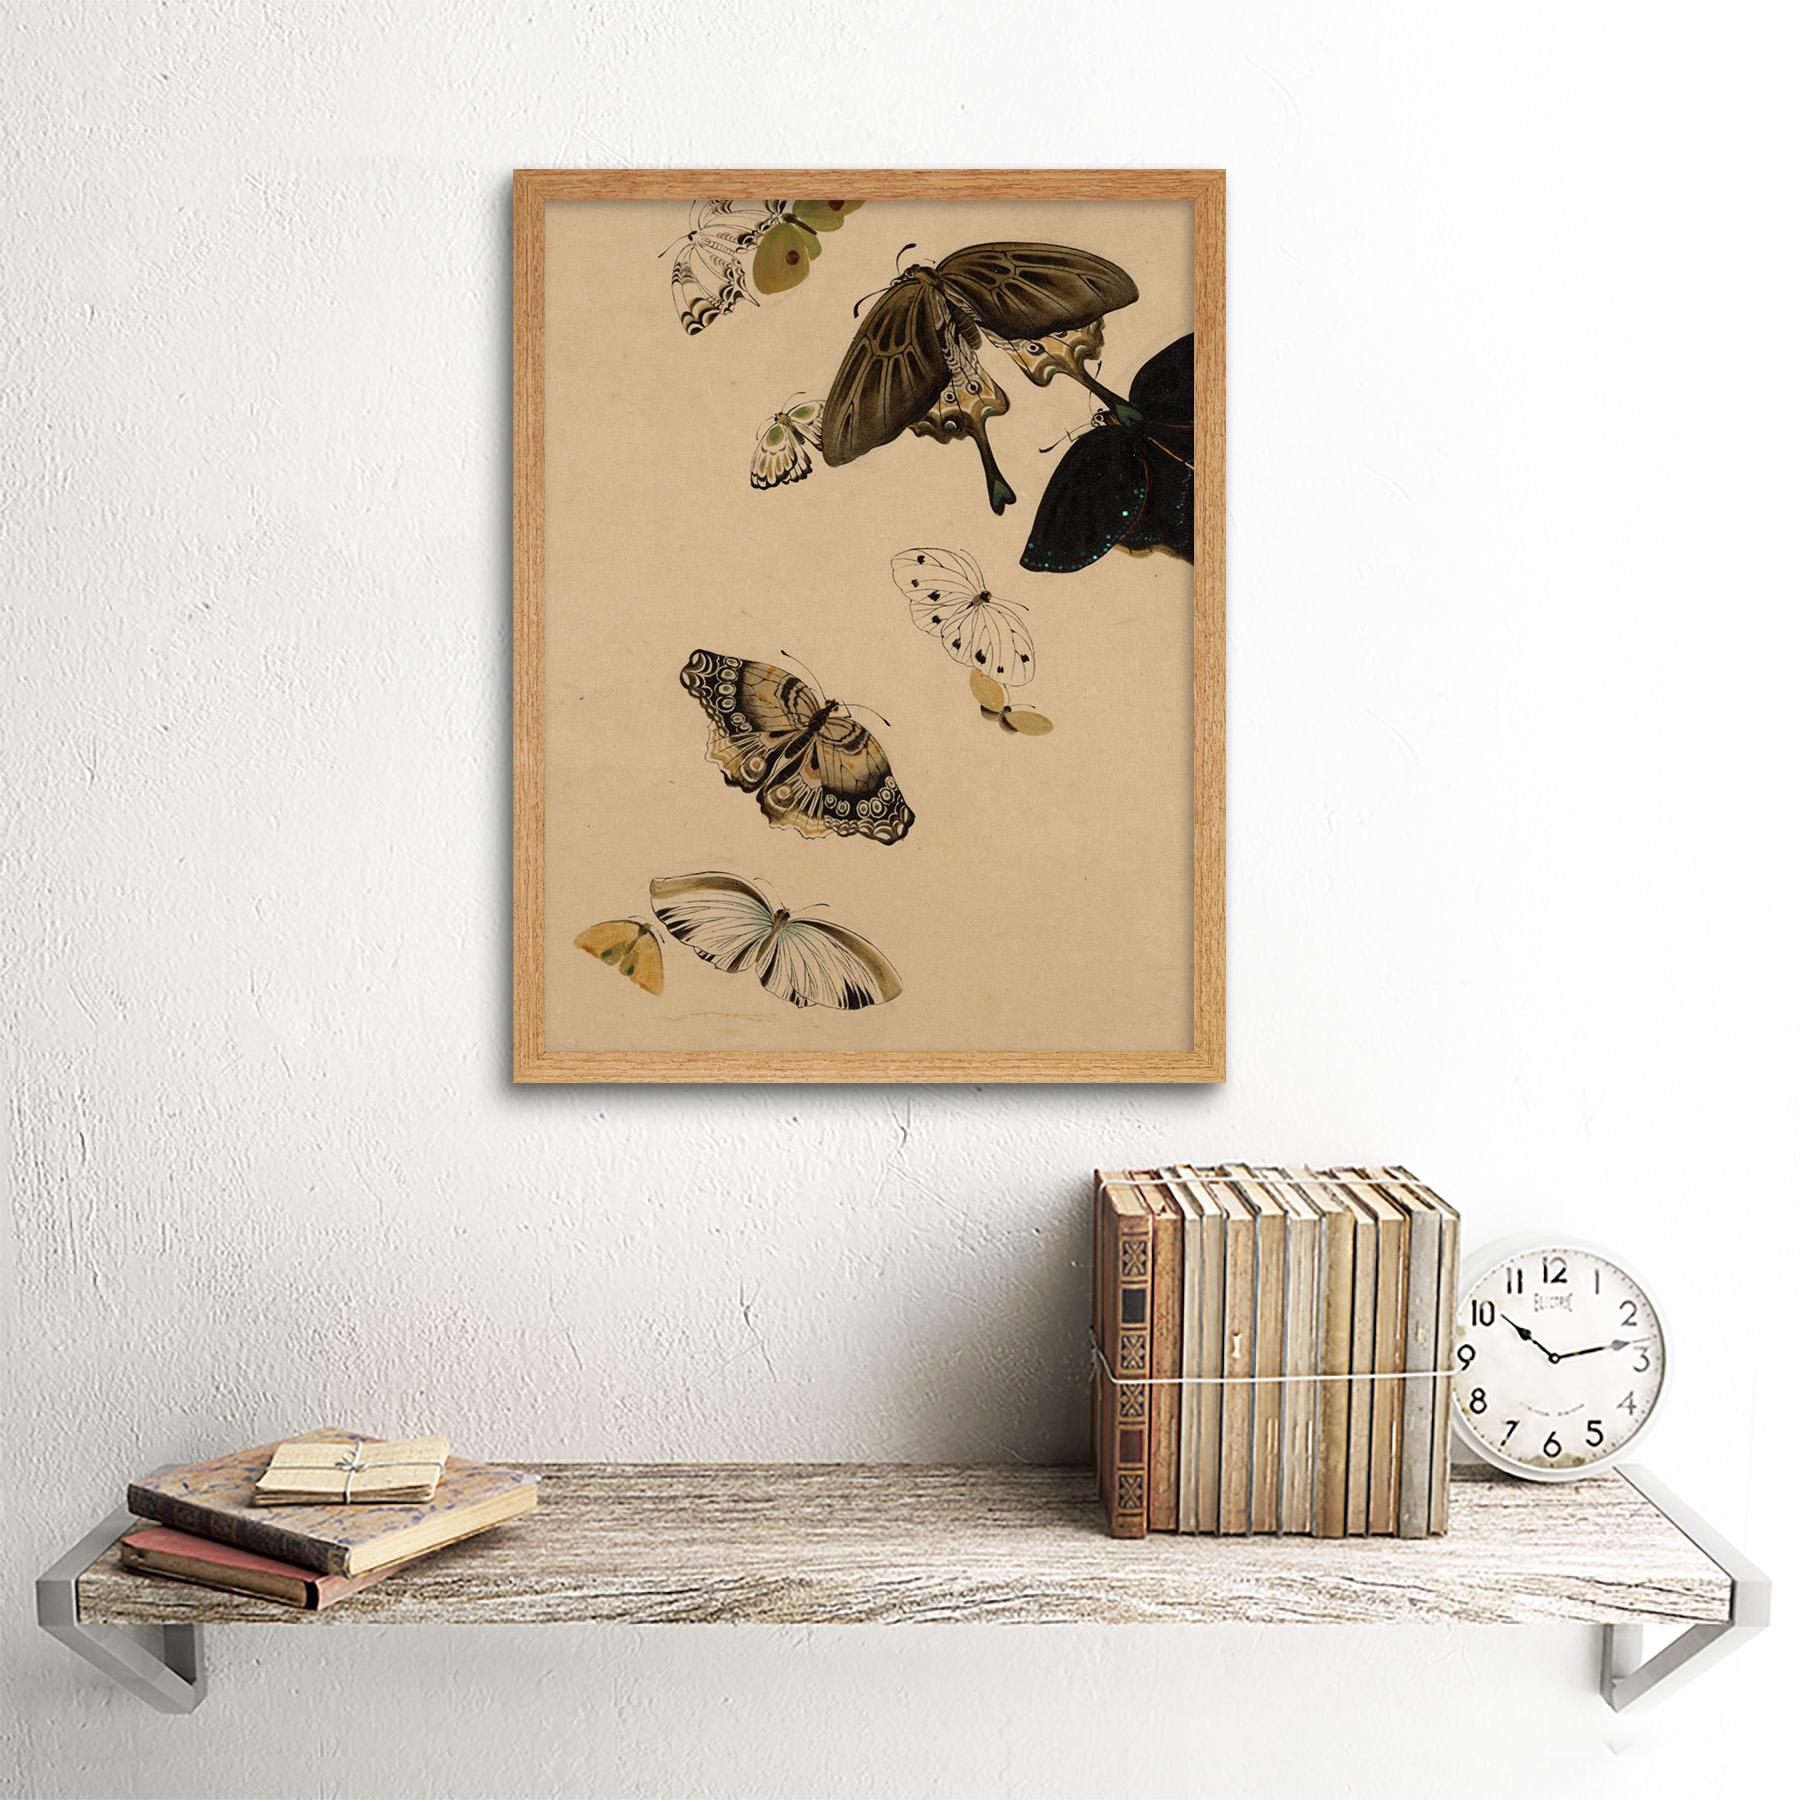 Zeshin-Butterflies-Japanese-Laquer-Painting-Wall-Art-Print-Framed-12x16 thumbnail 13